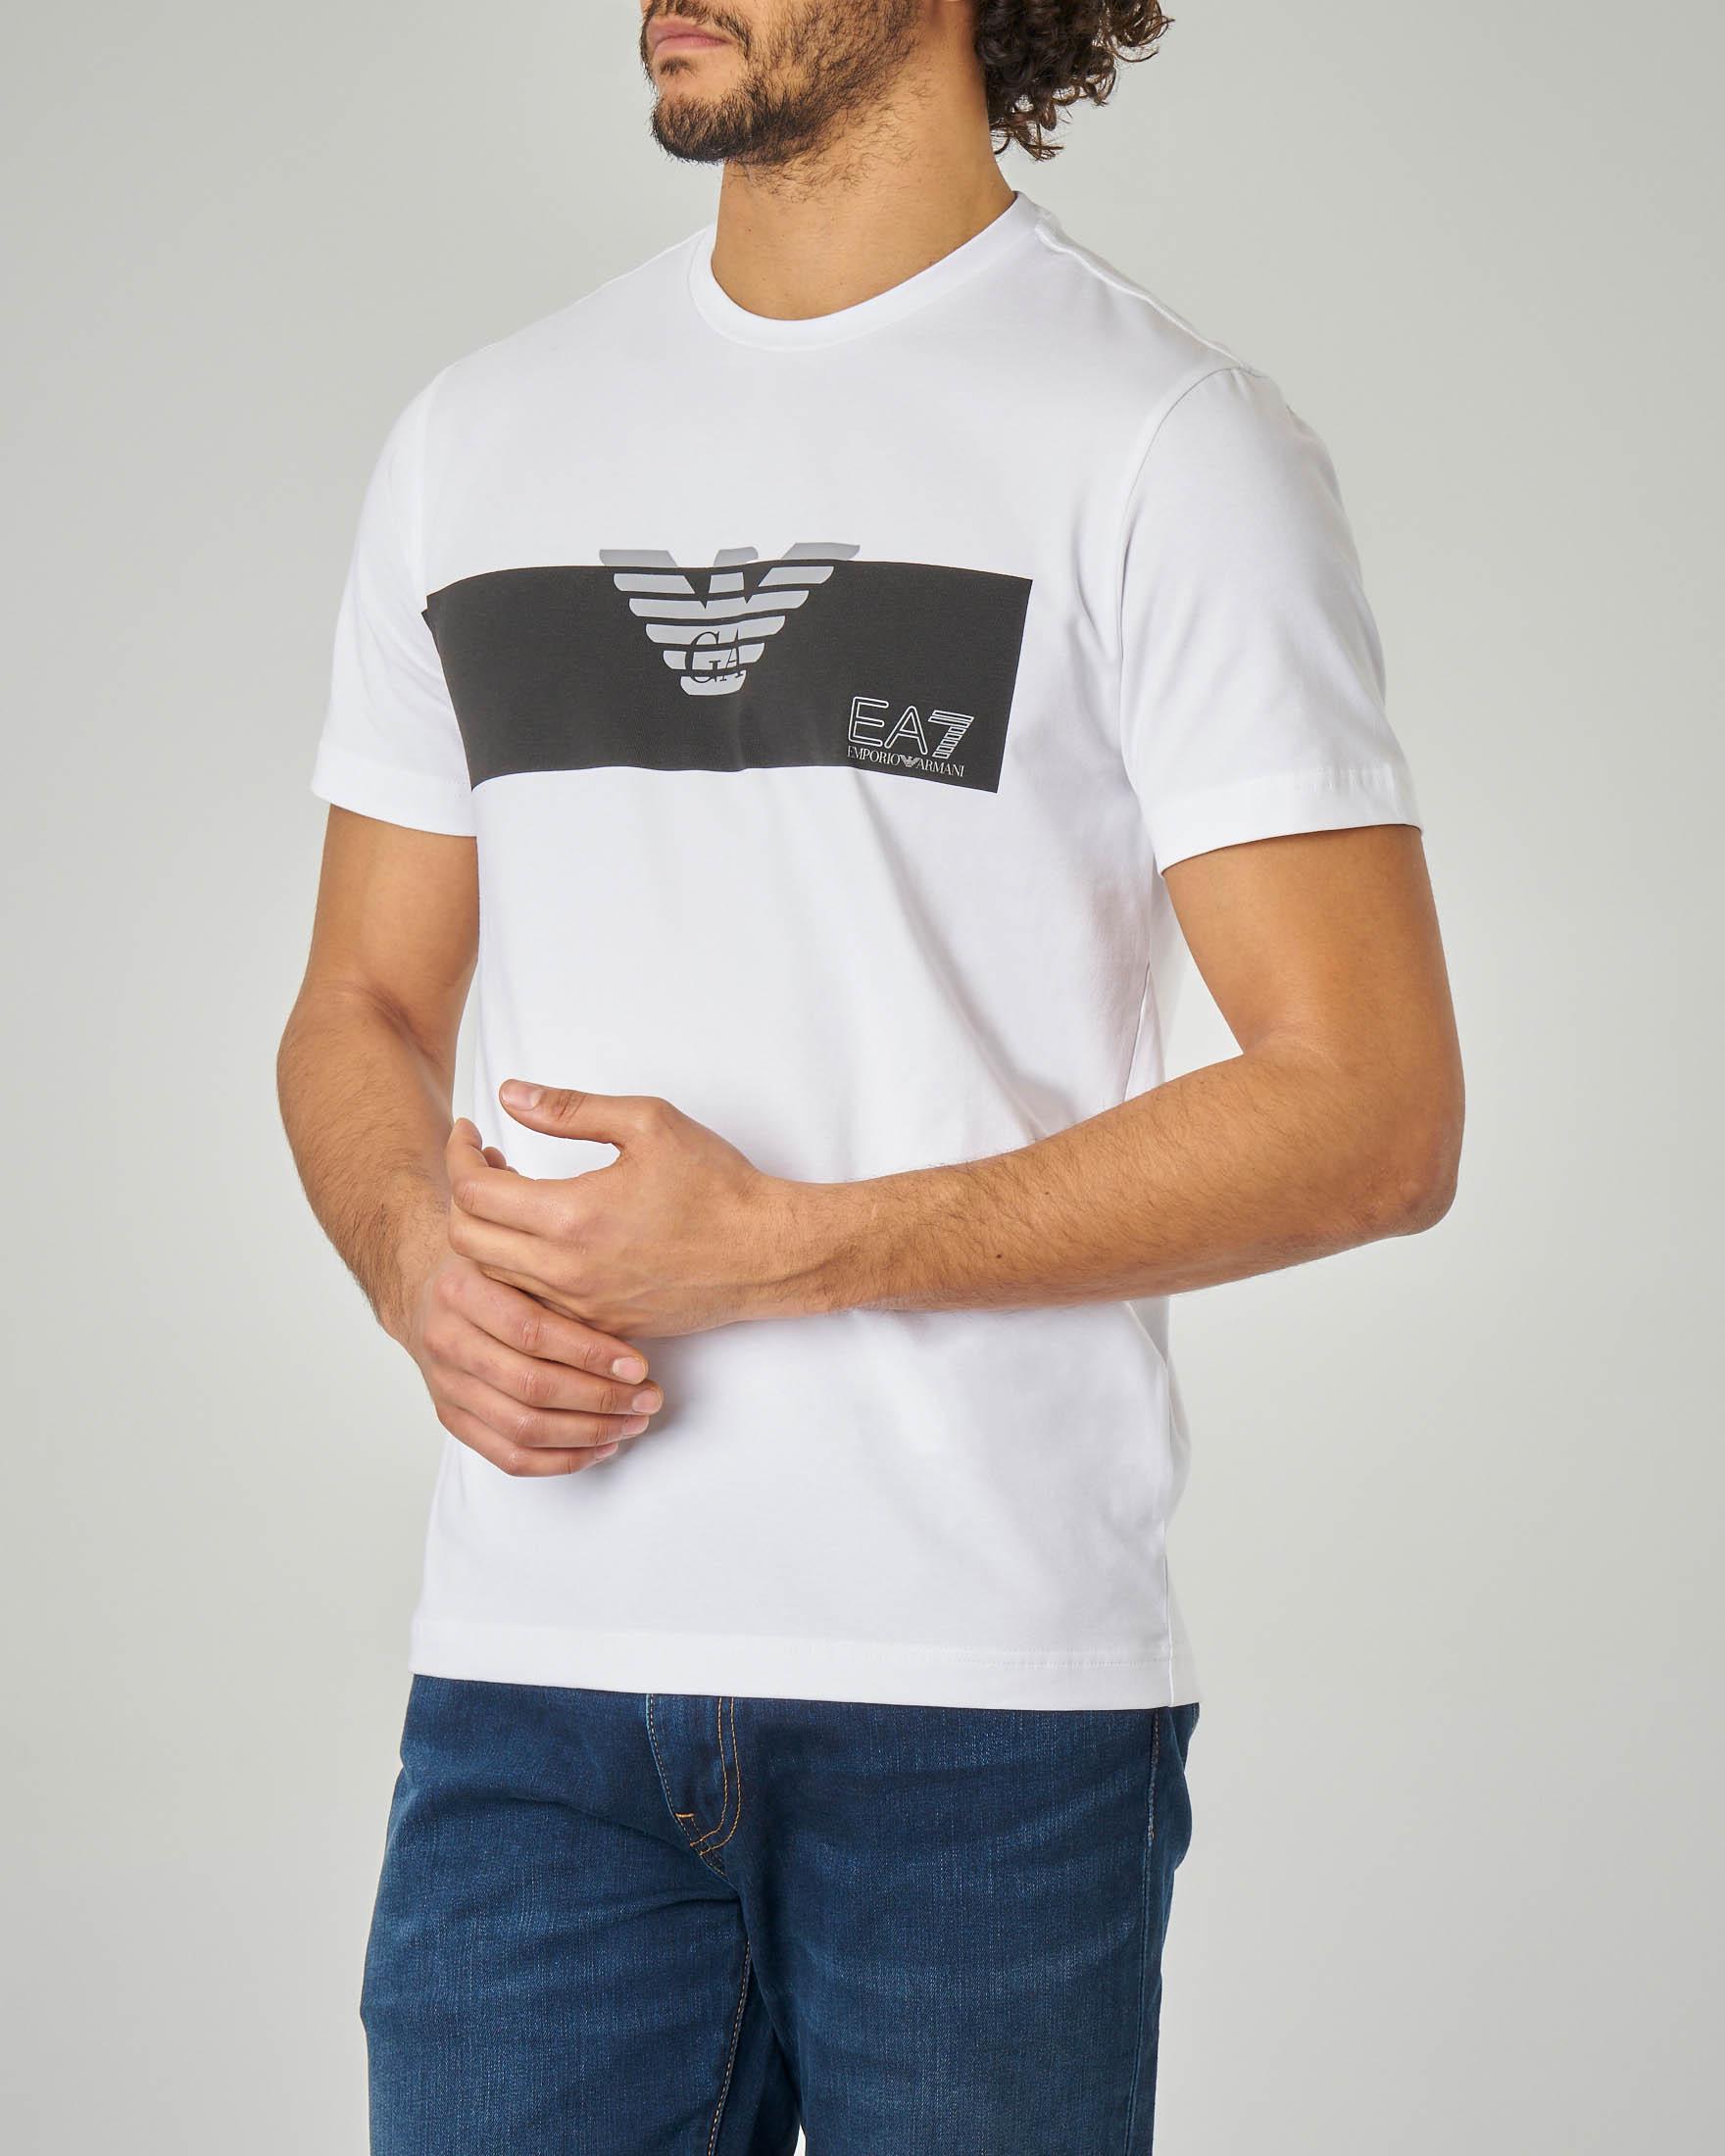 T-shirt bianca con riga nera piazzata e aquila